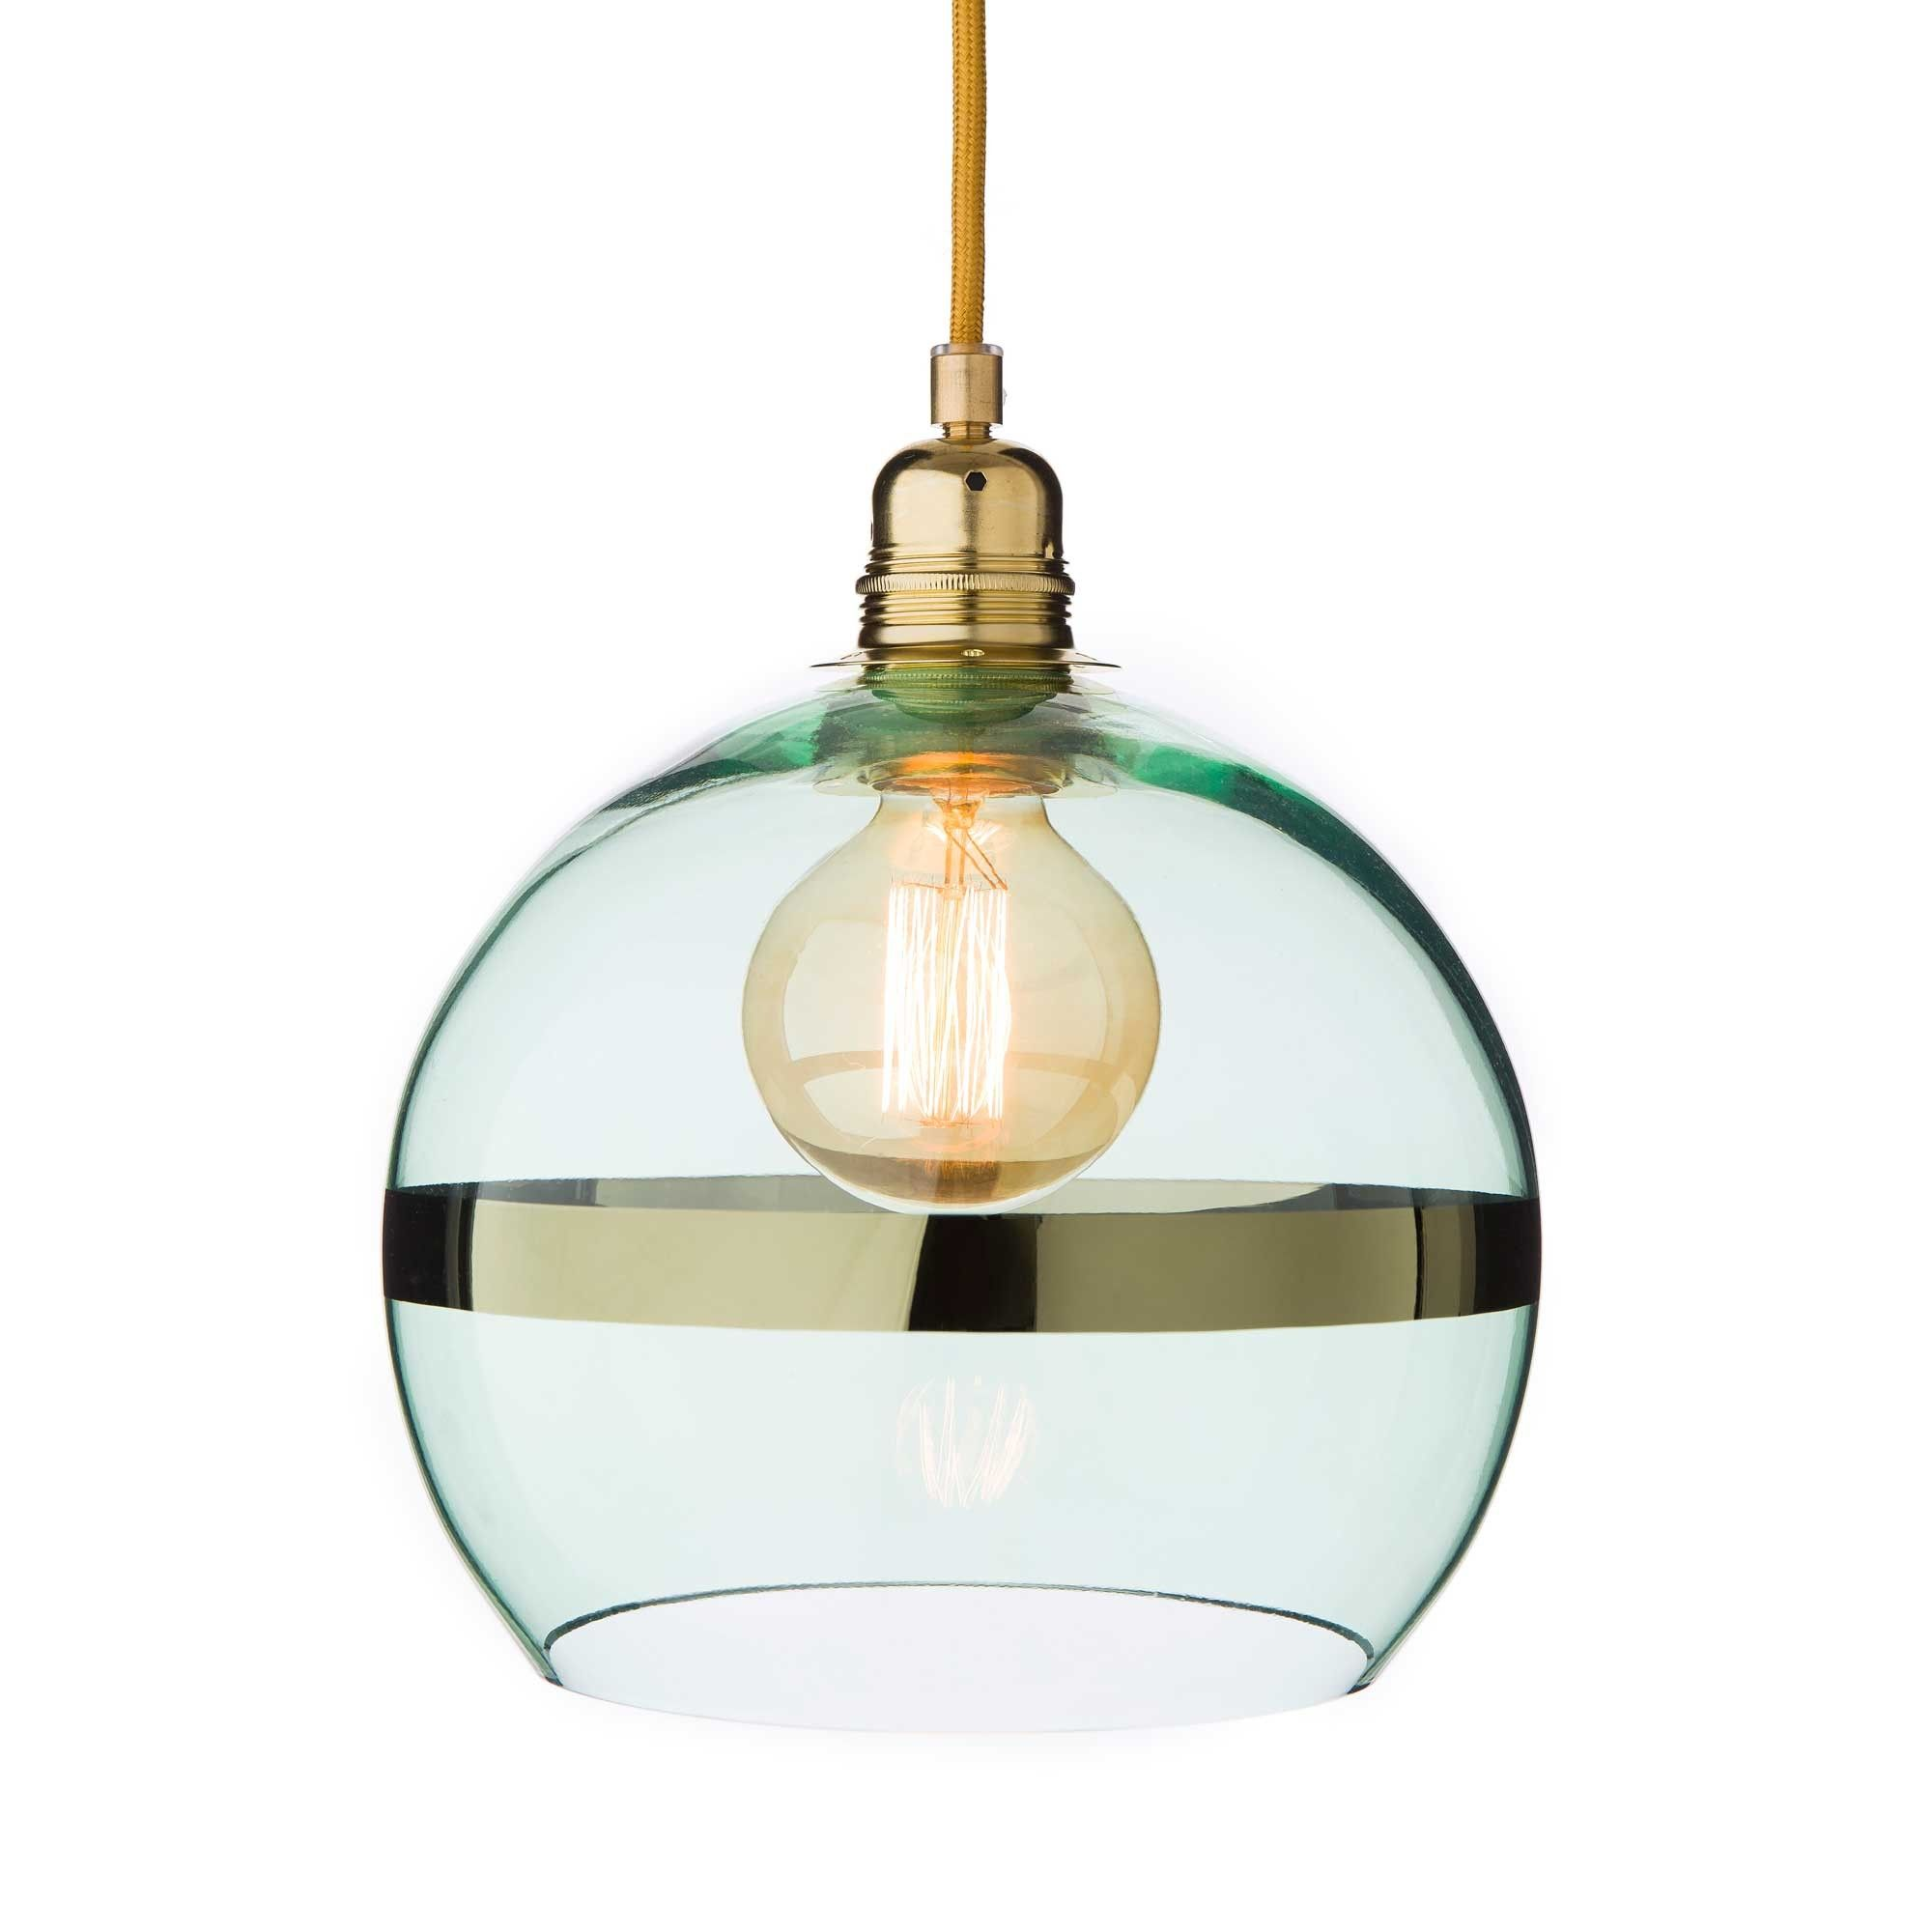 Puristisch und detailverliebt ist unsere Hängelampe Giveij, die aus Glas und…